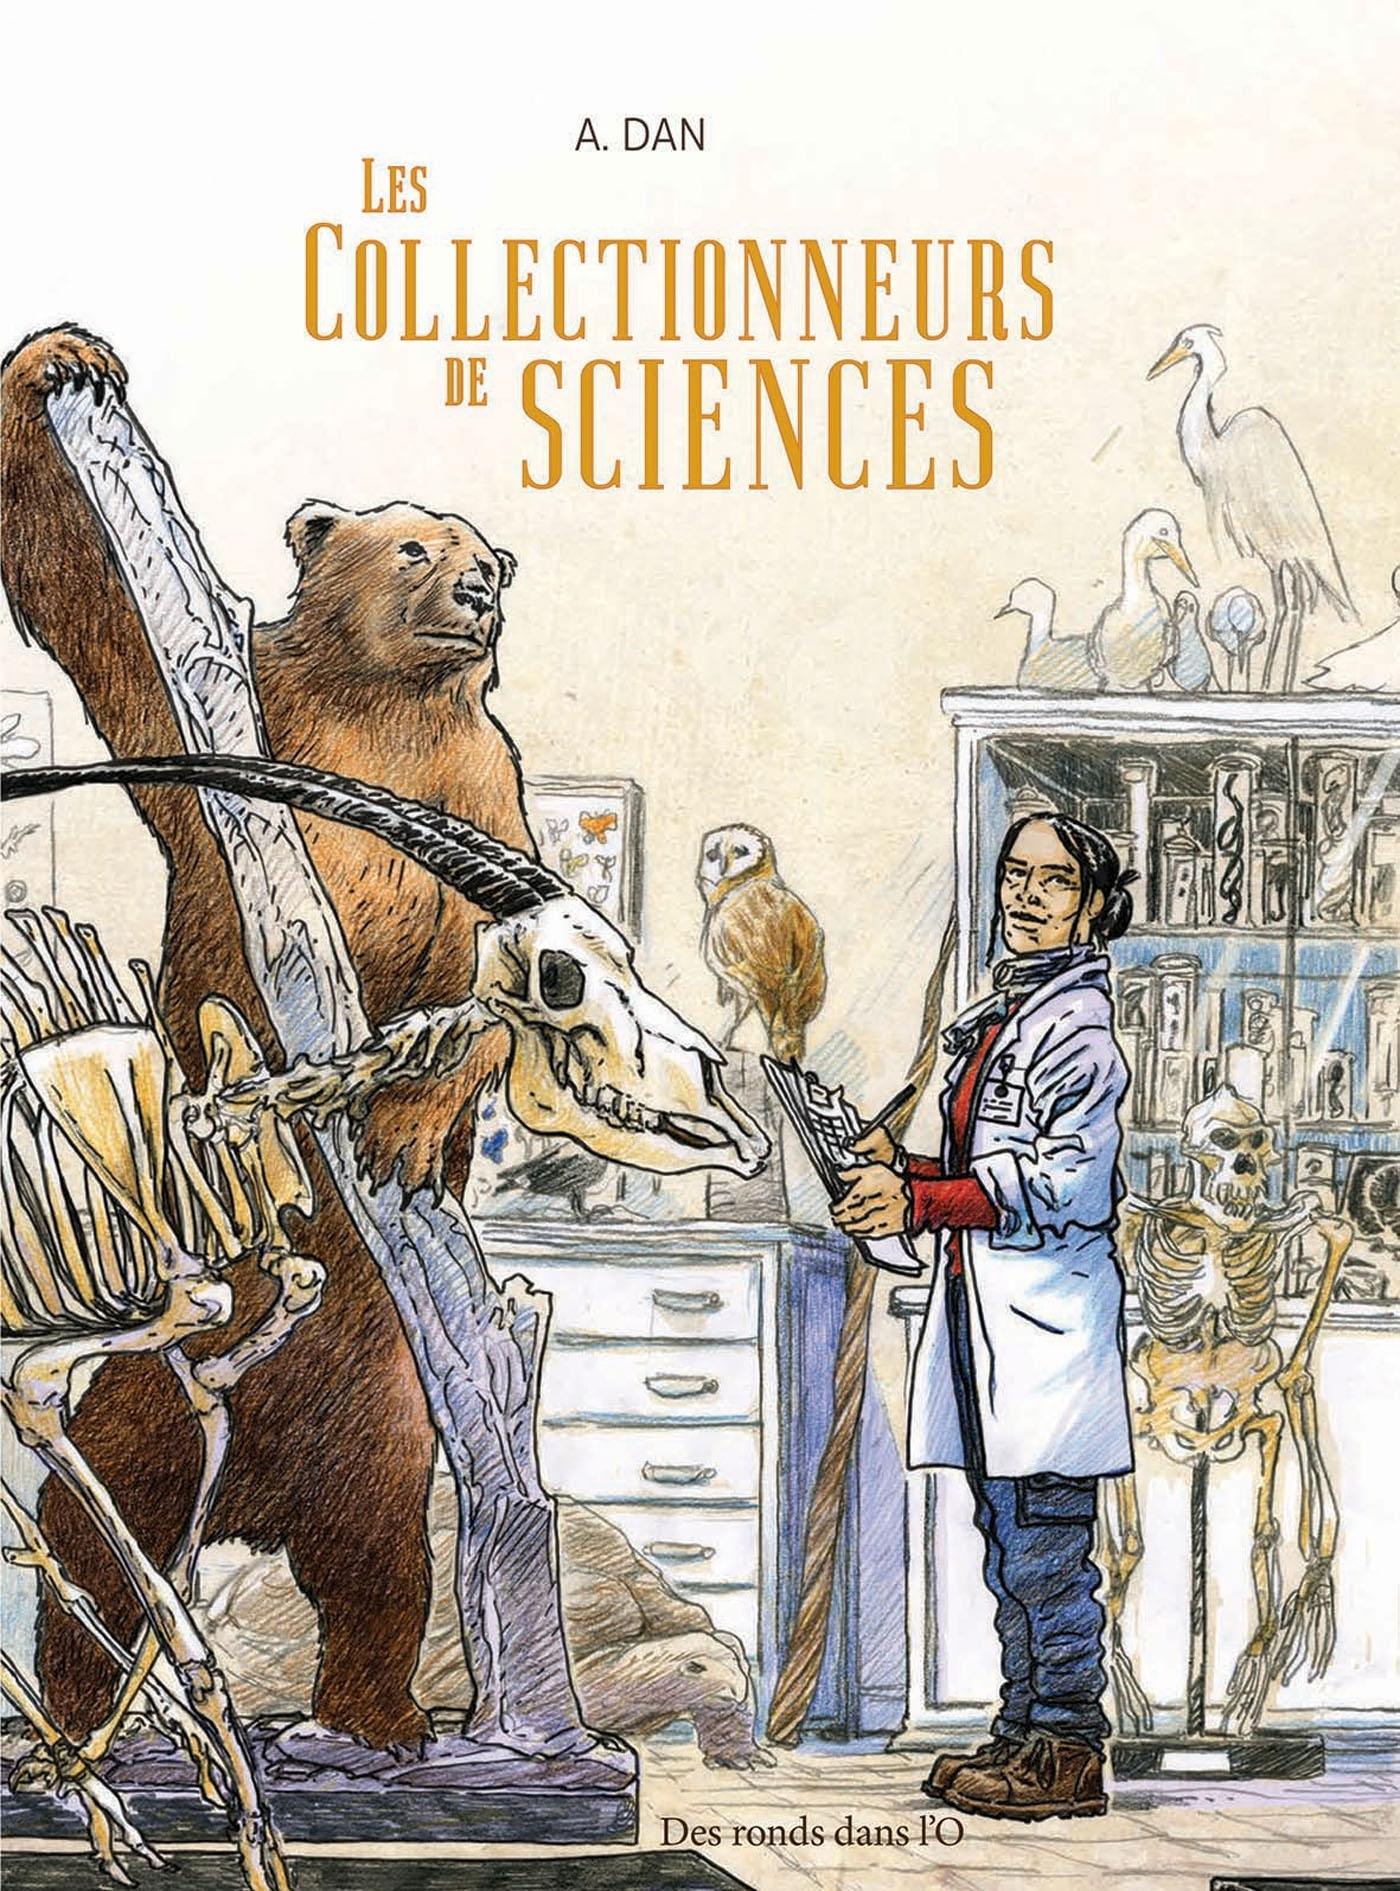 LES COLLECTIONNEURS DE SCIENCES